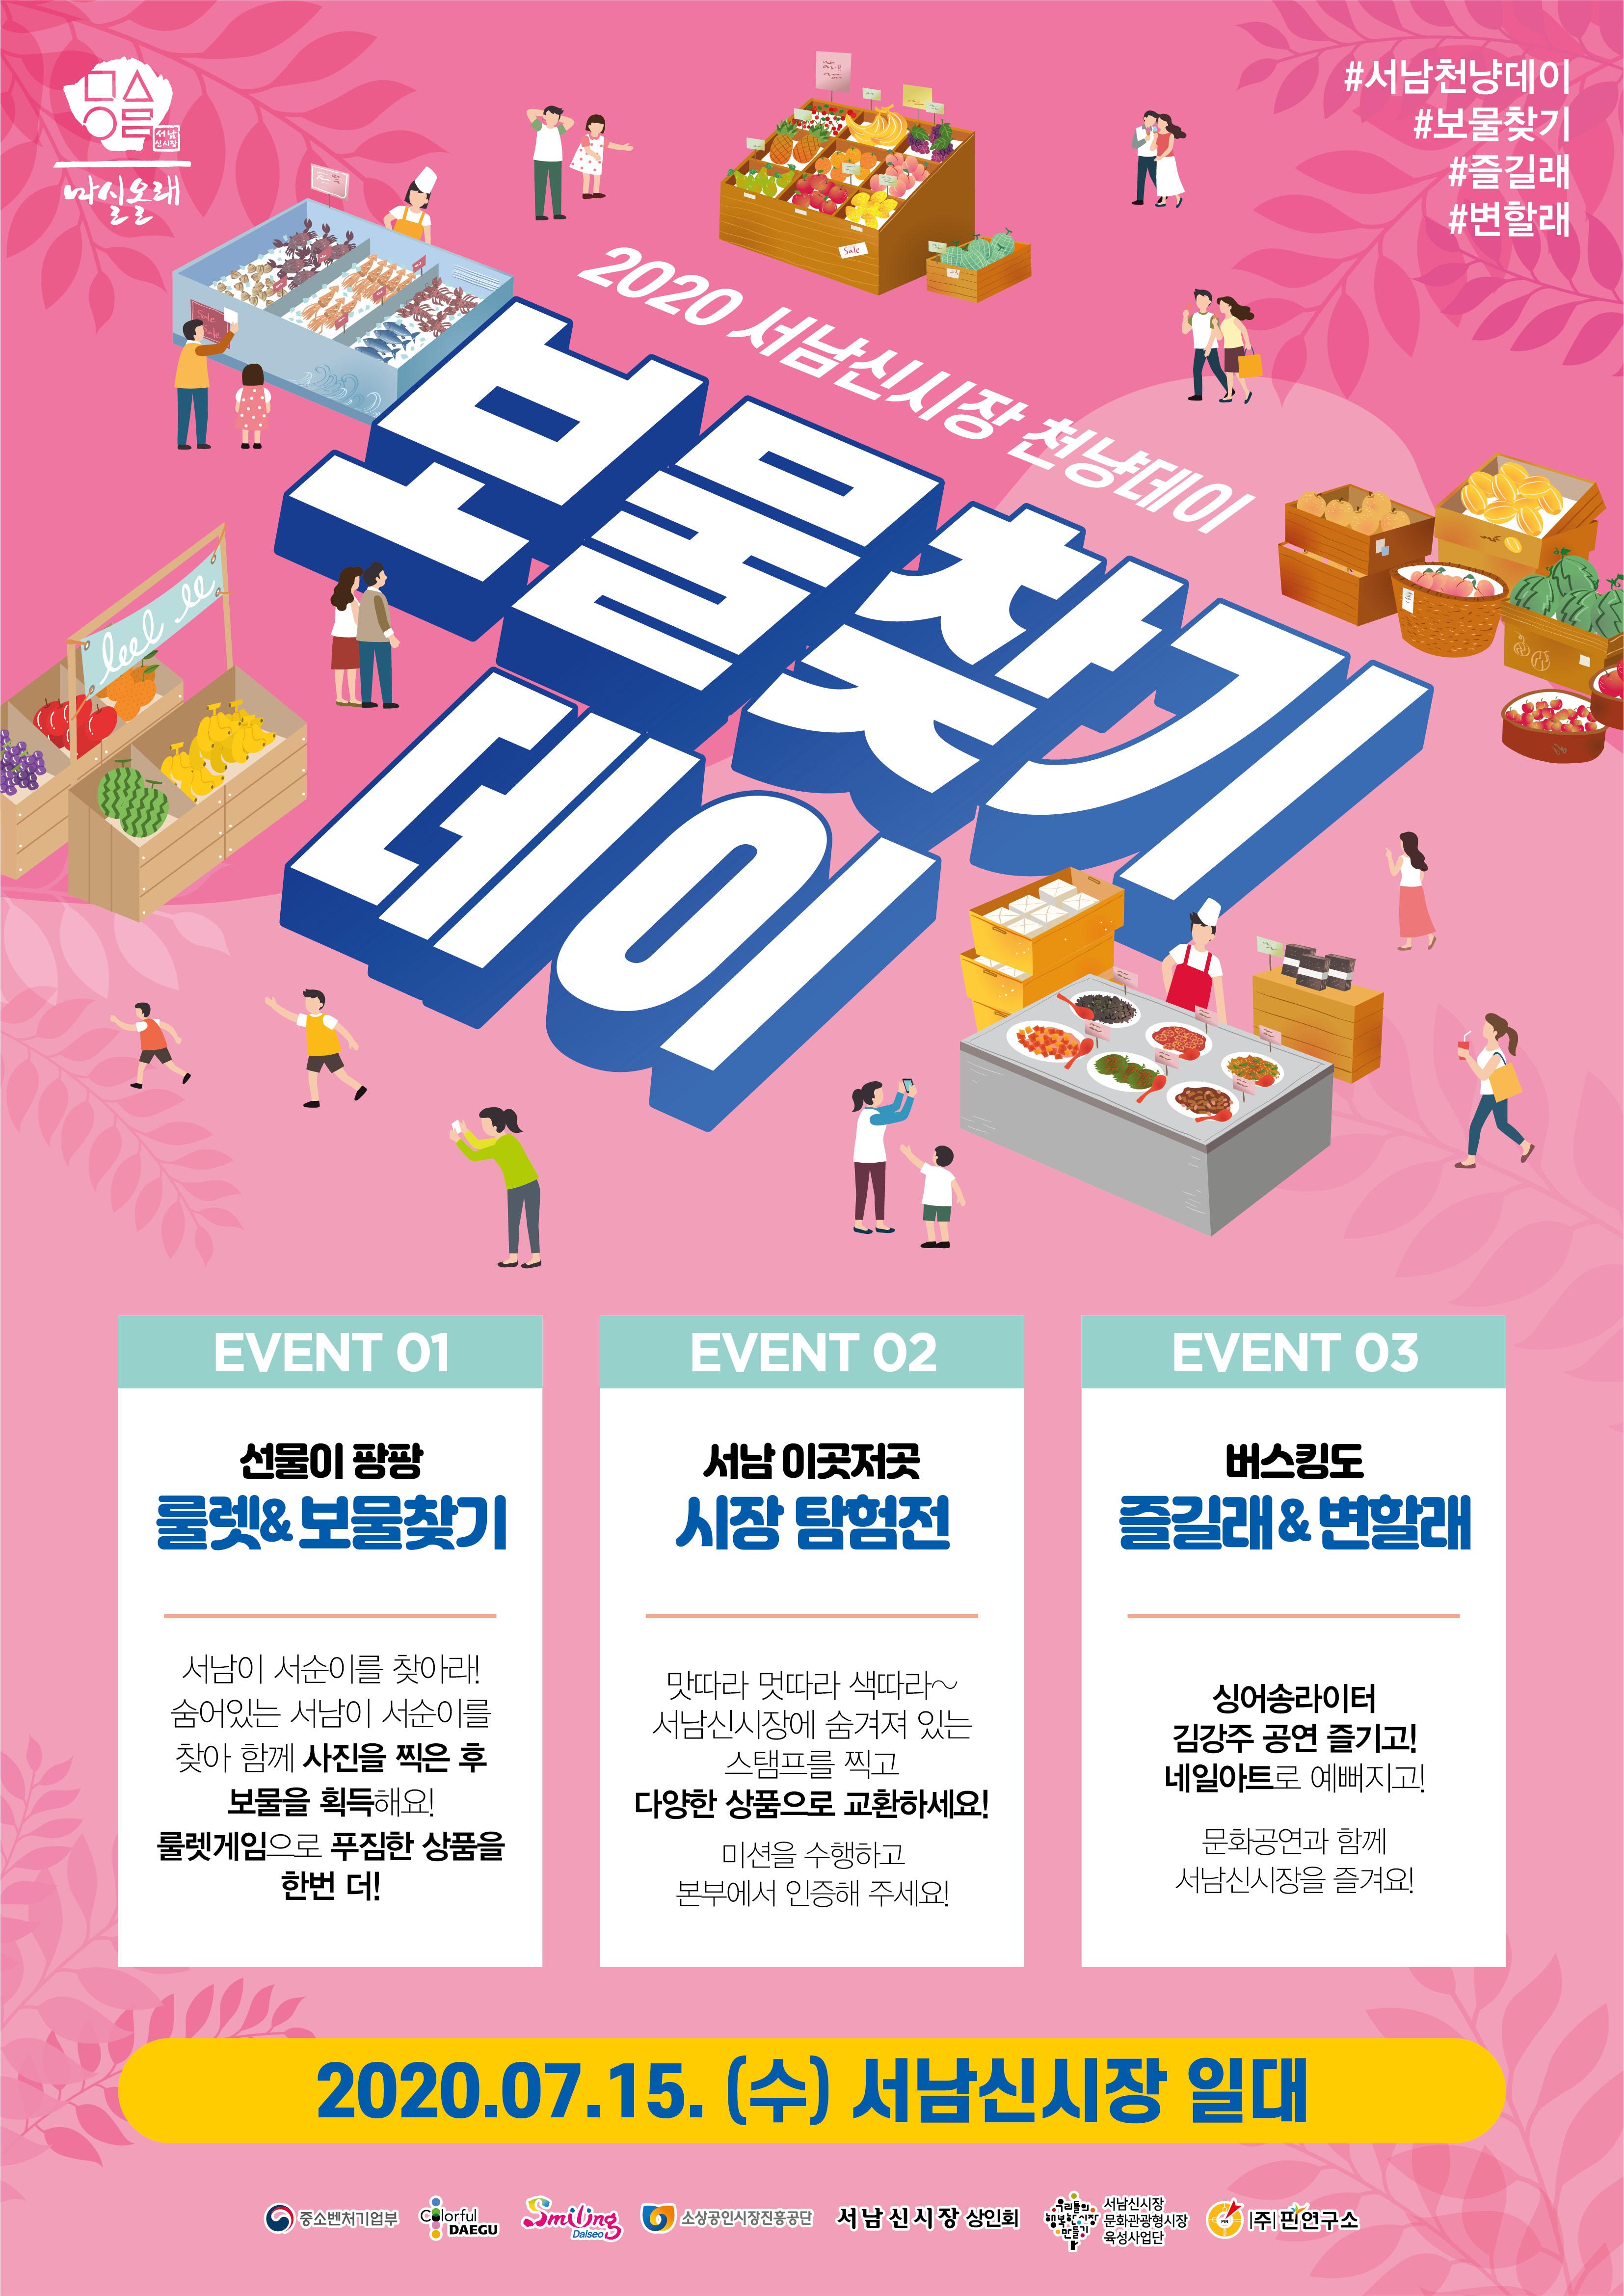 2020서남천냥_7월_보물찾기데이_포스터.jpg